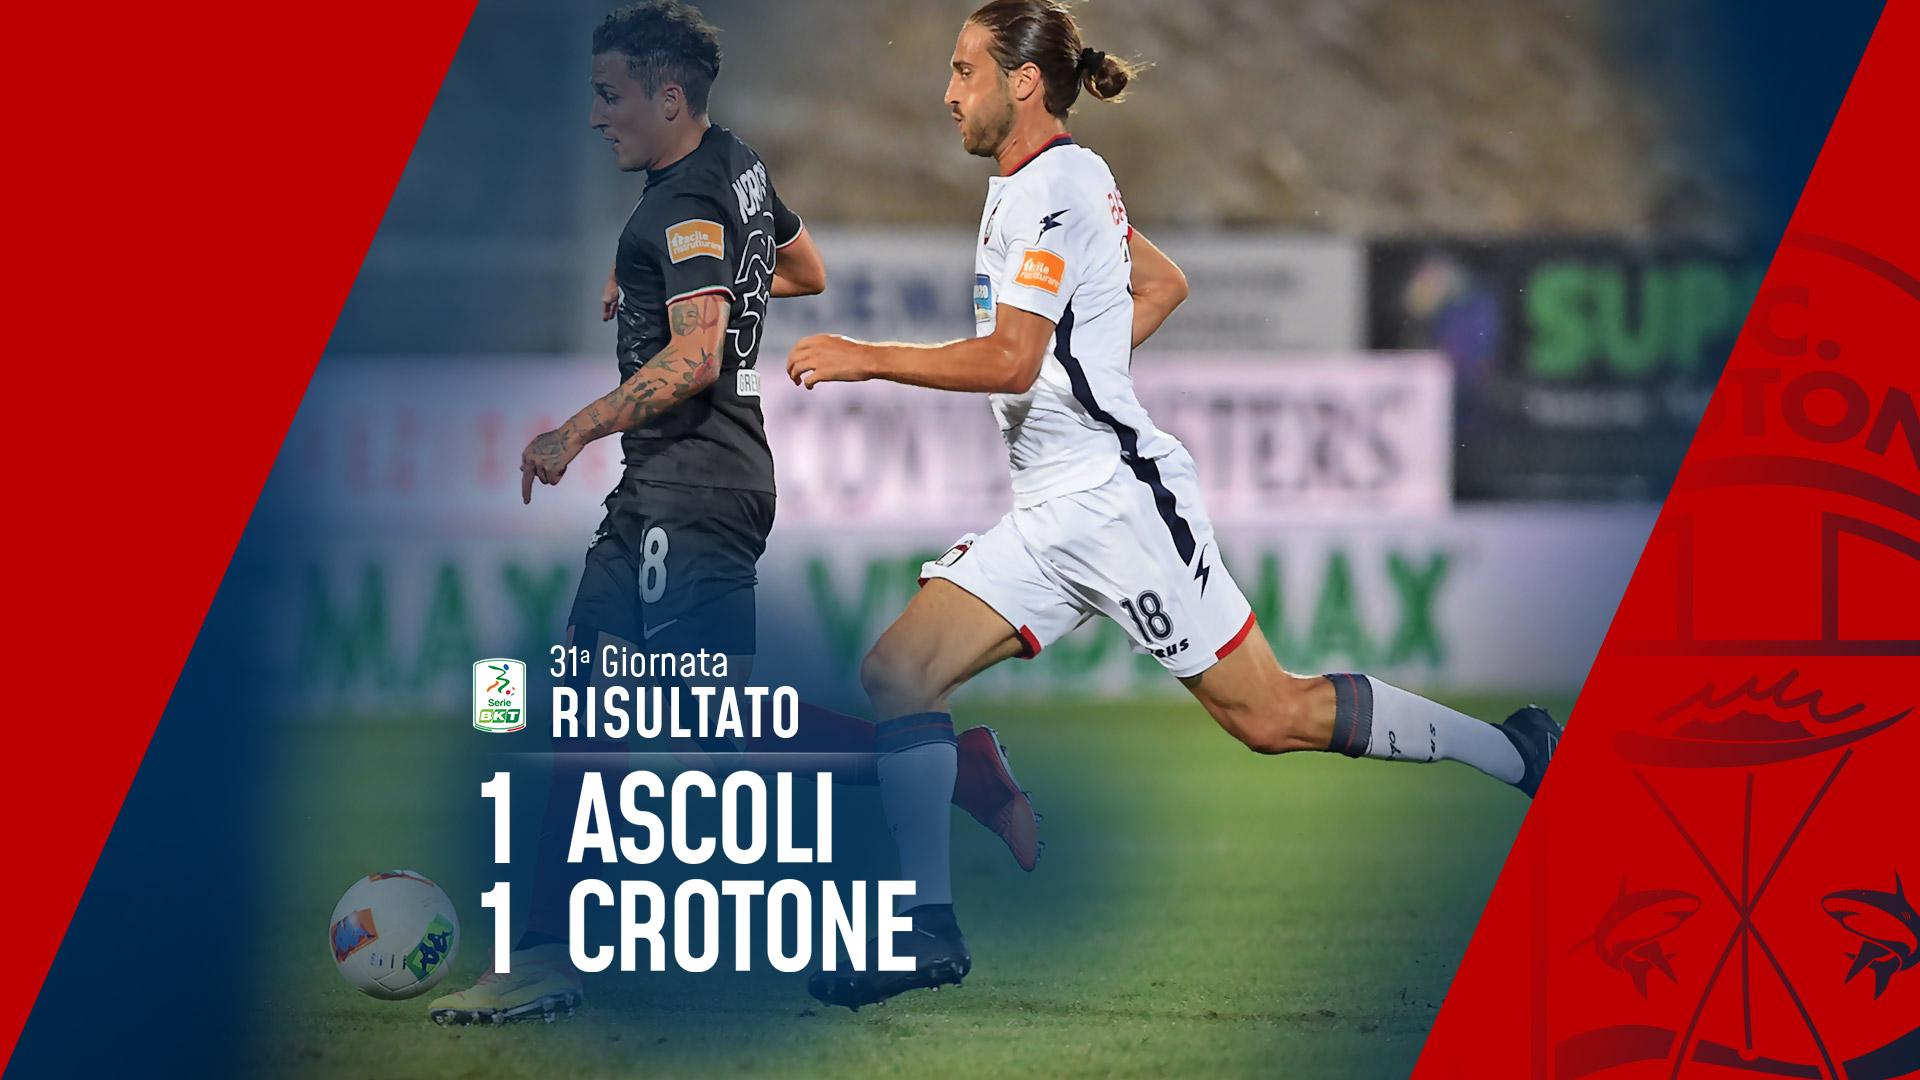 Serie BKT, 31ª giornata: Ascoli-Crotone 1-1